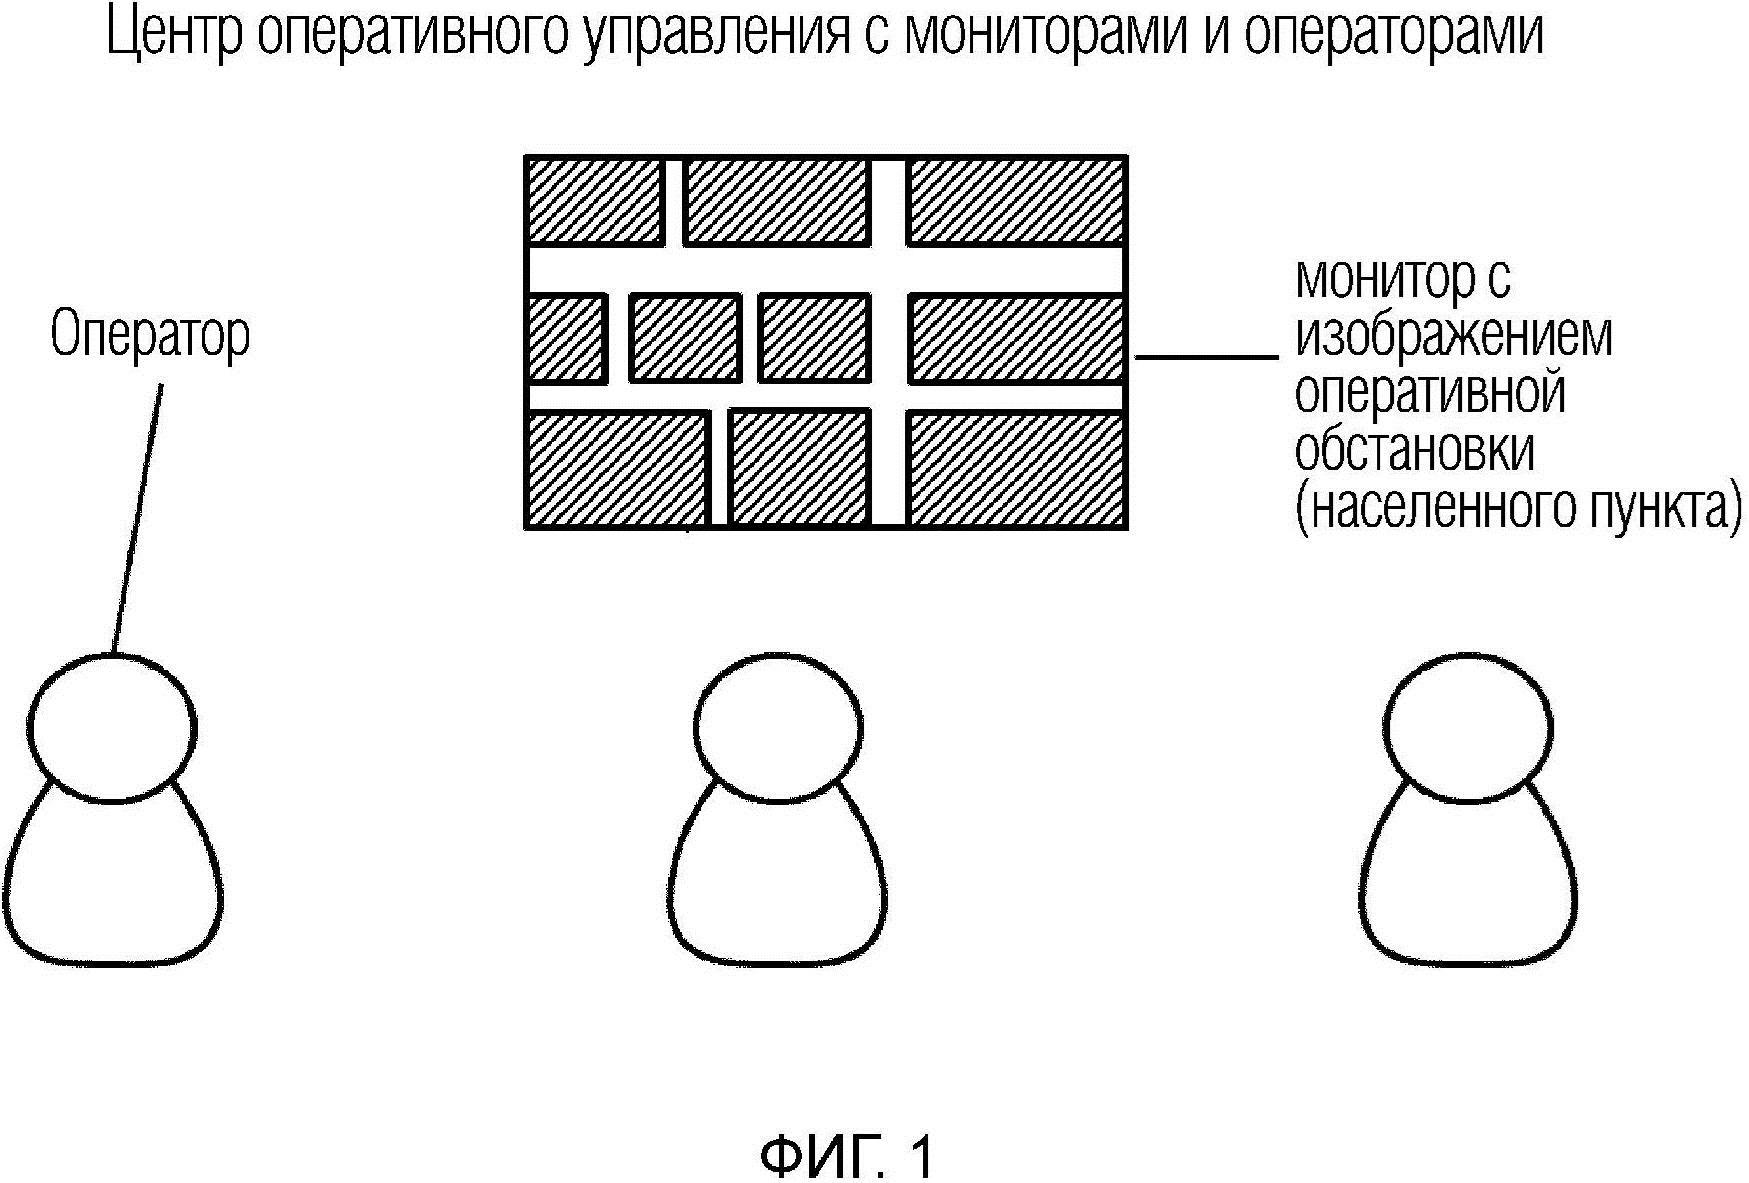 Система контроля и воздействия на объекты, представляющие интерес, и выполняемые ими процессы и соответствующий способ